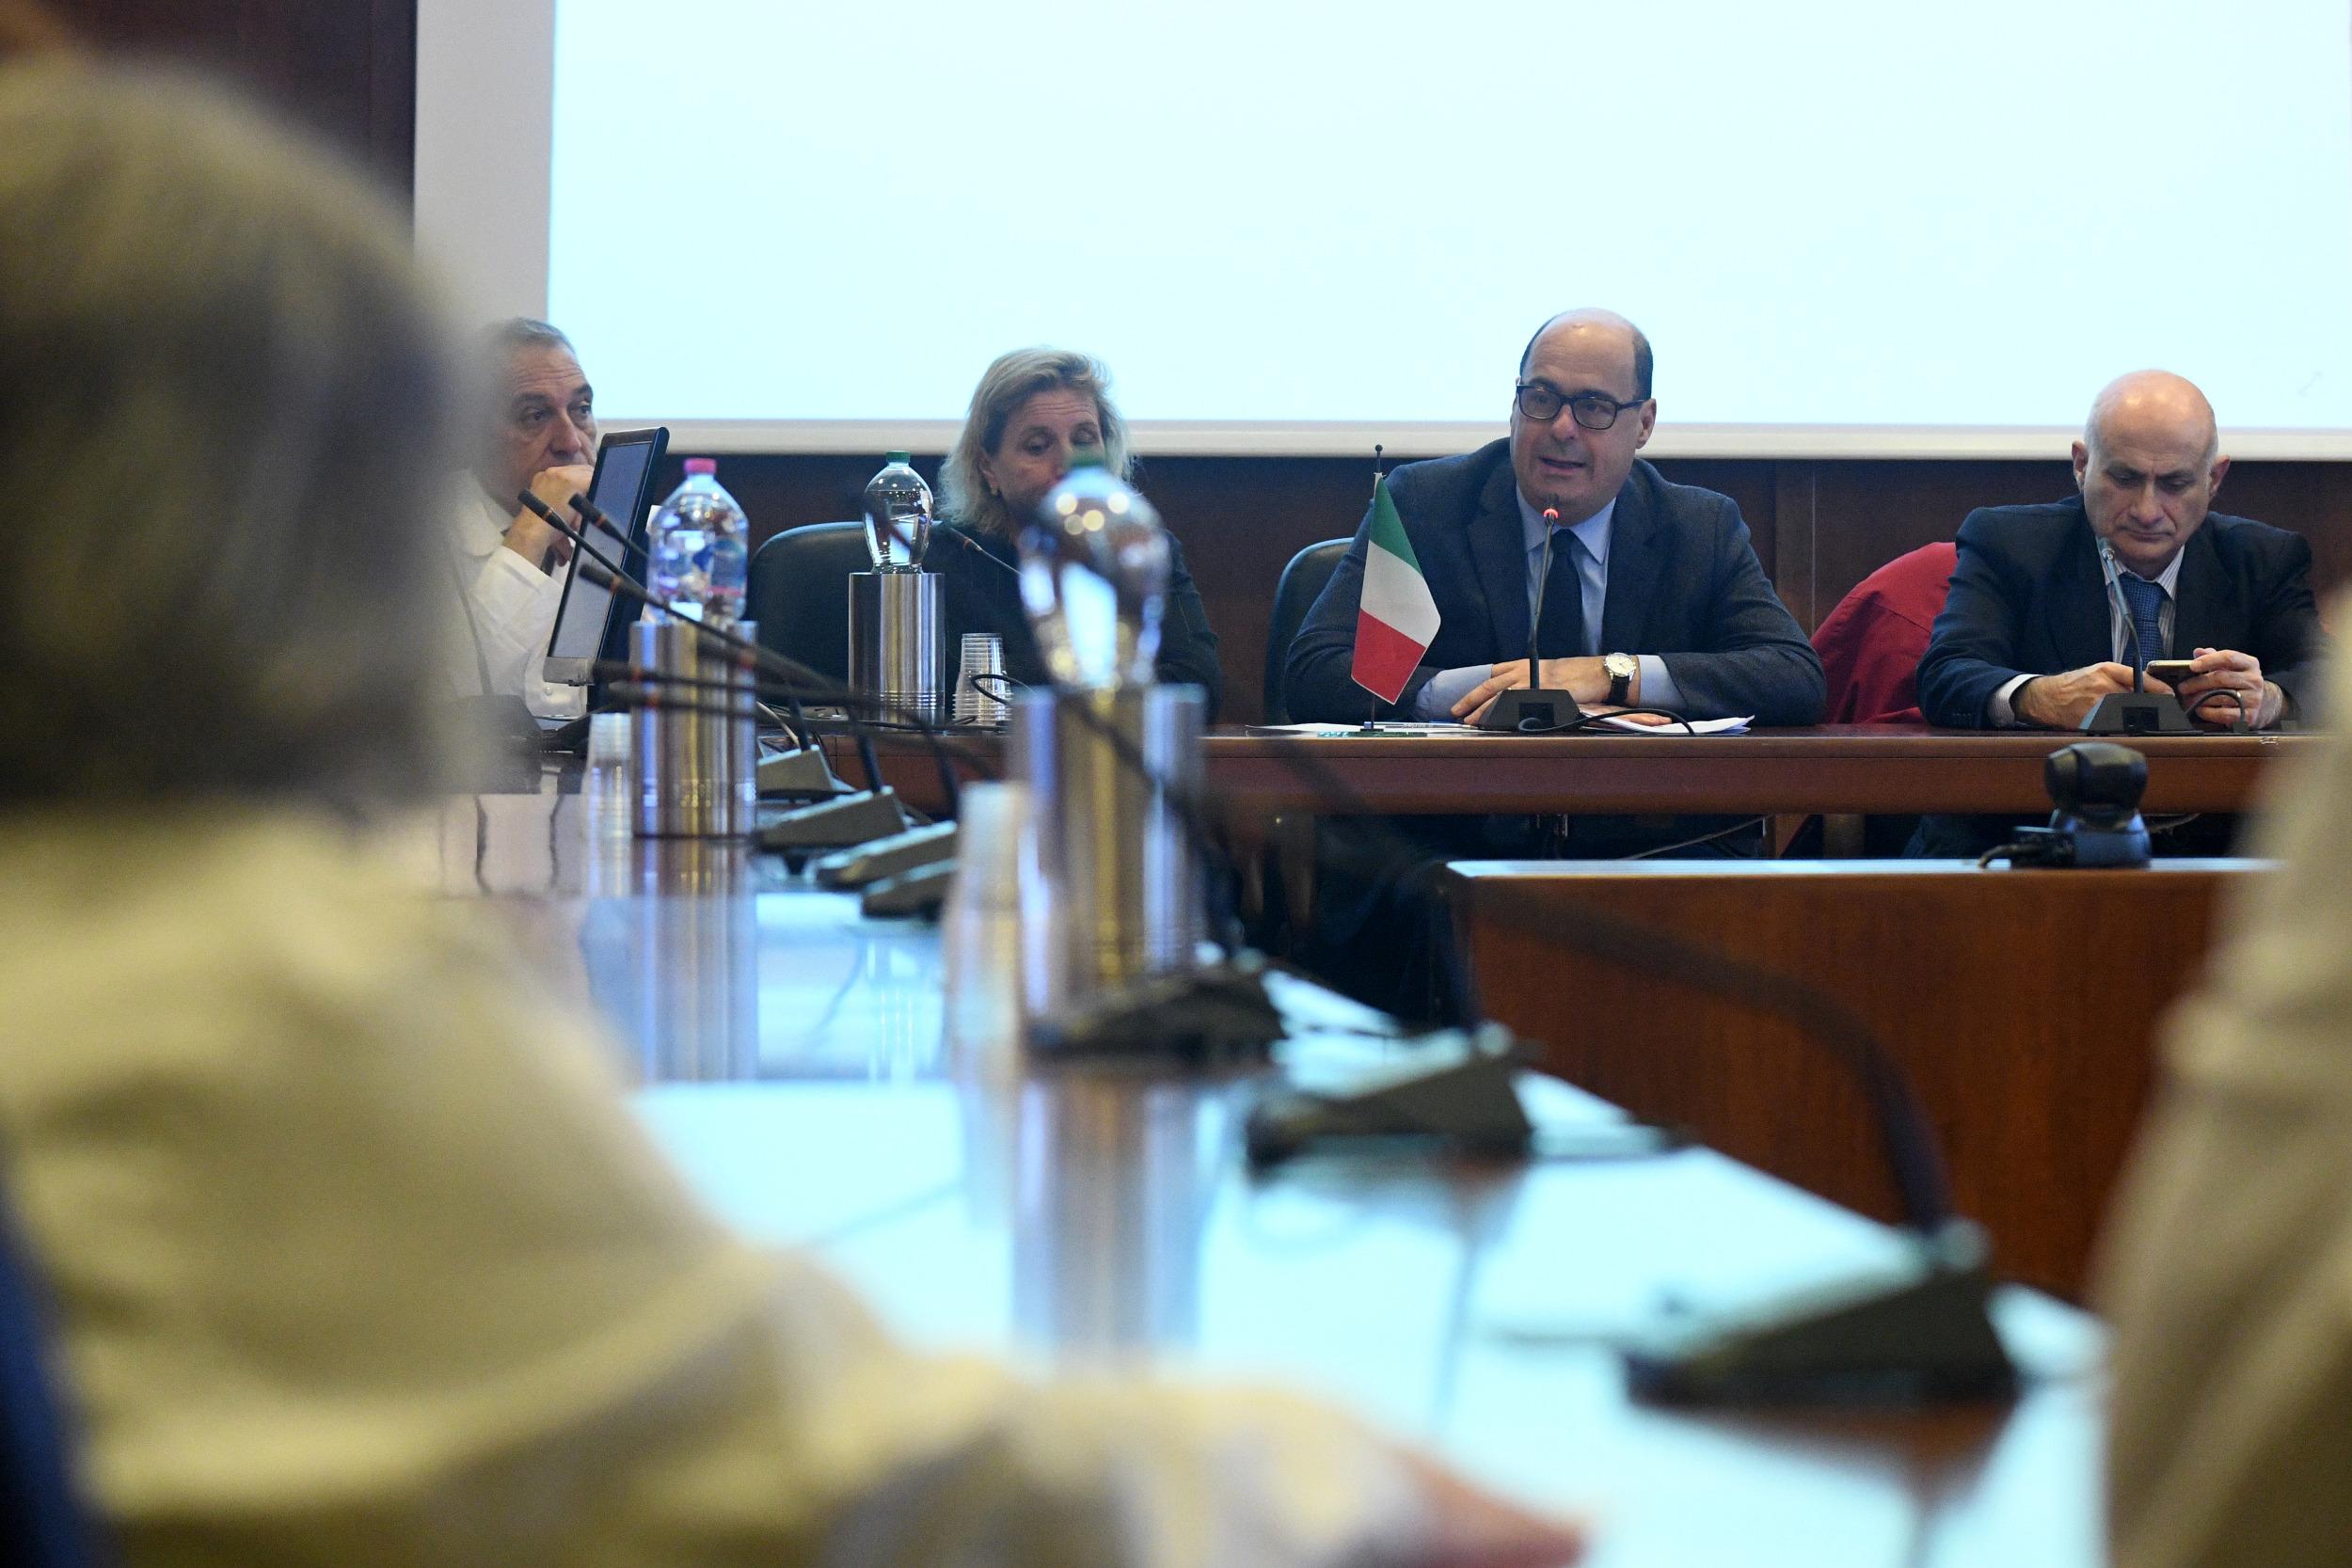 """Regione Lazio, Coronavirus, boatos, """"politiche"""" ad ottobre? L'ok di Zingaretti c'è già, ma la gran parte dei parlamentari è contraria"""